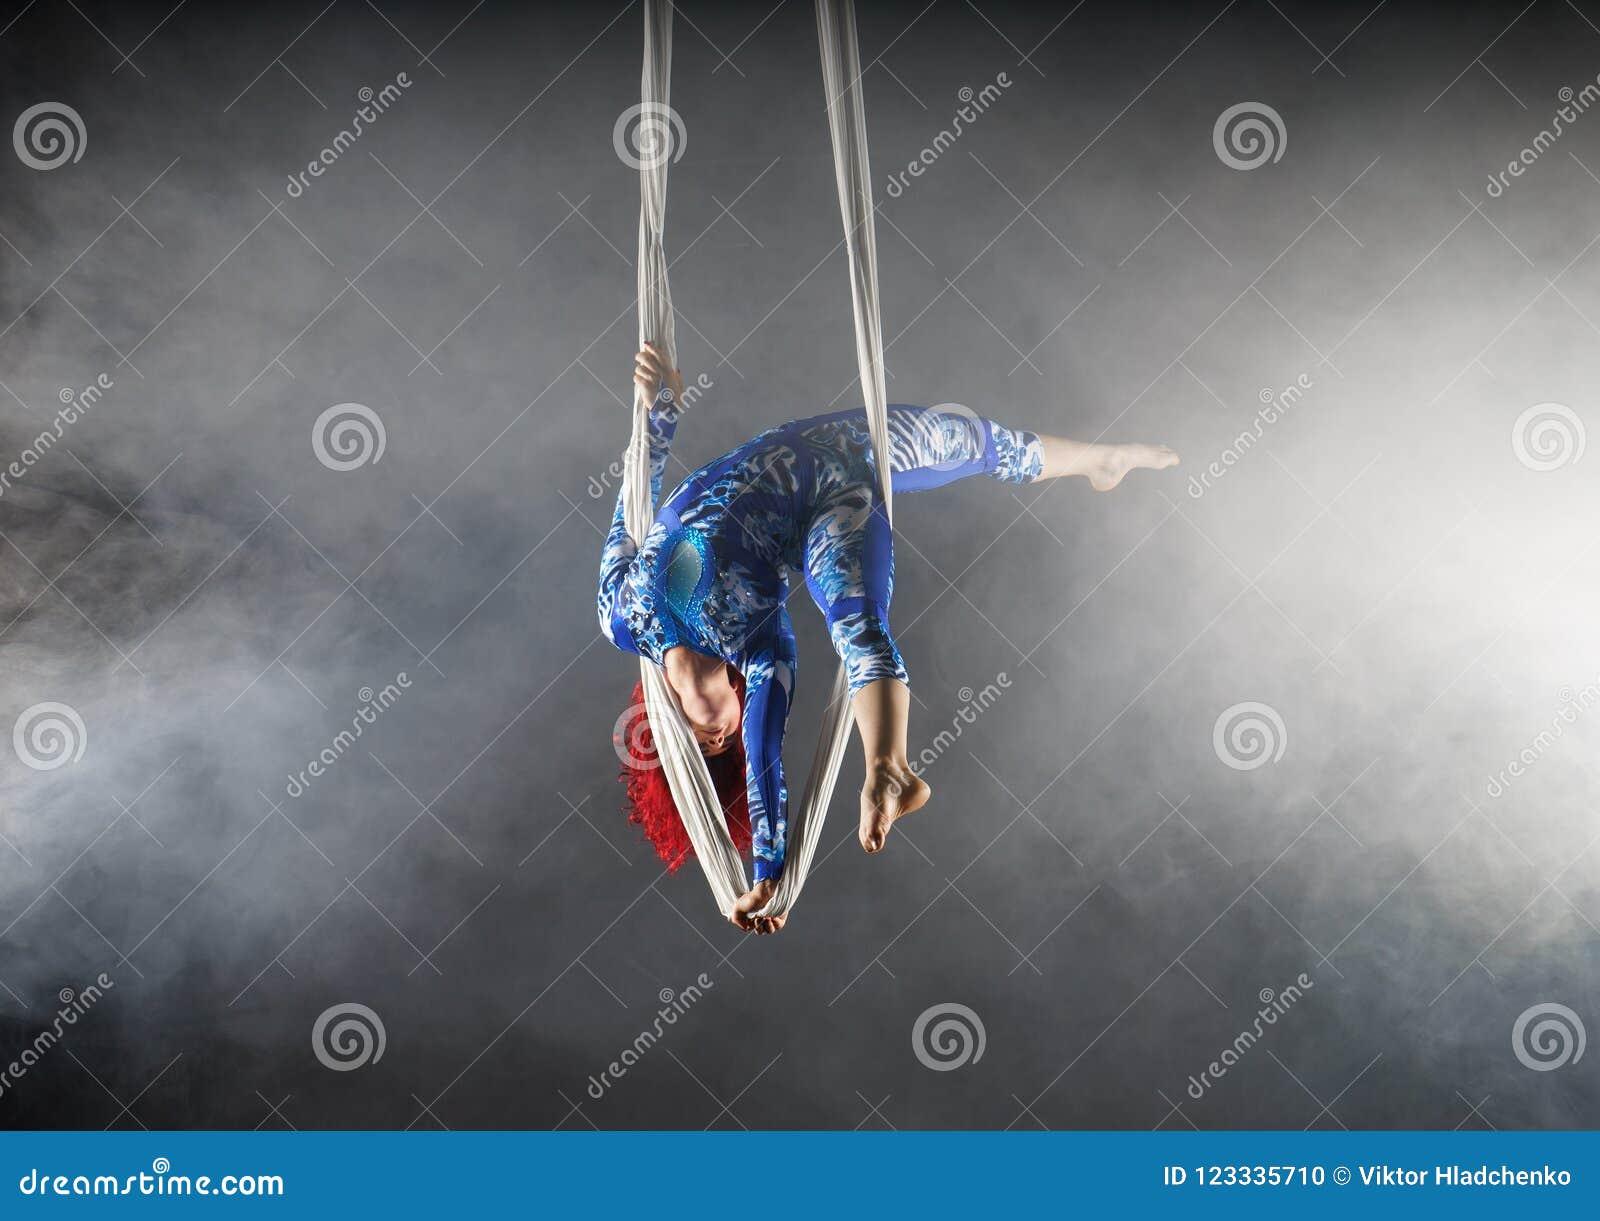 Athletischer Luftzirkuskünstler mit Rothaarigen in der blauen Kostümstellung einerseits in der Luftseide